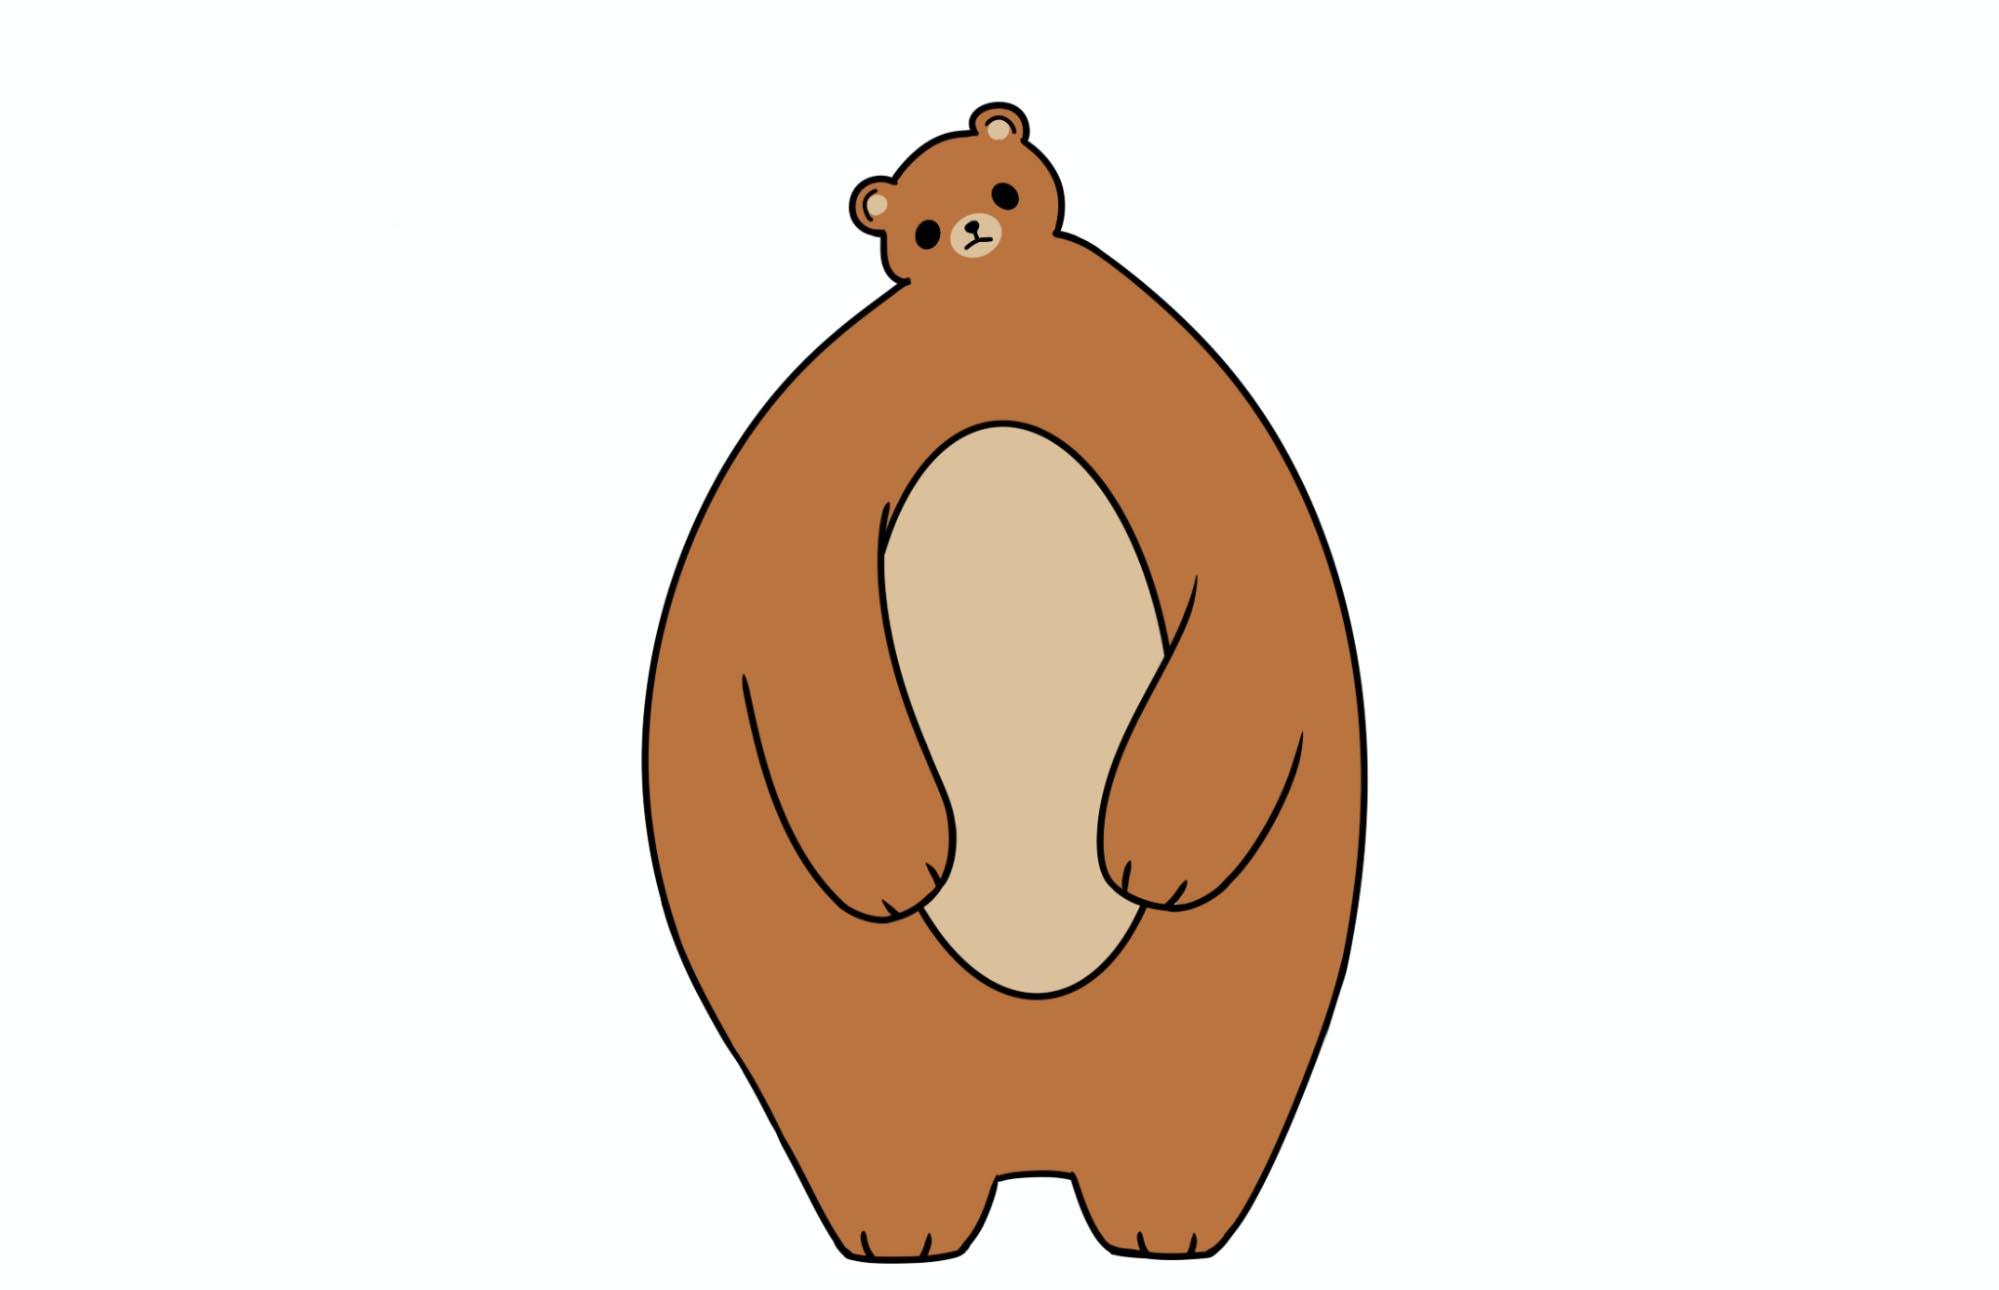 A tiny-headed bear